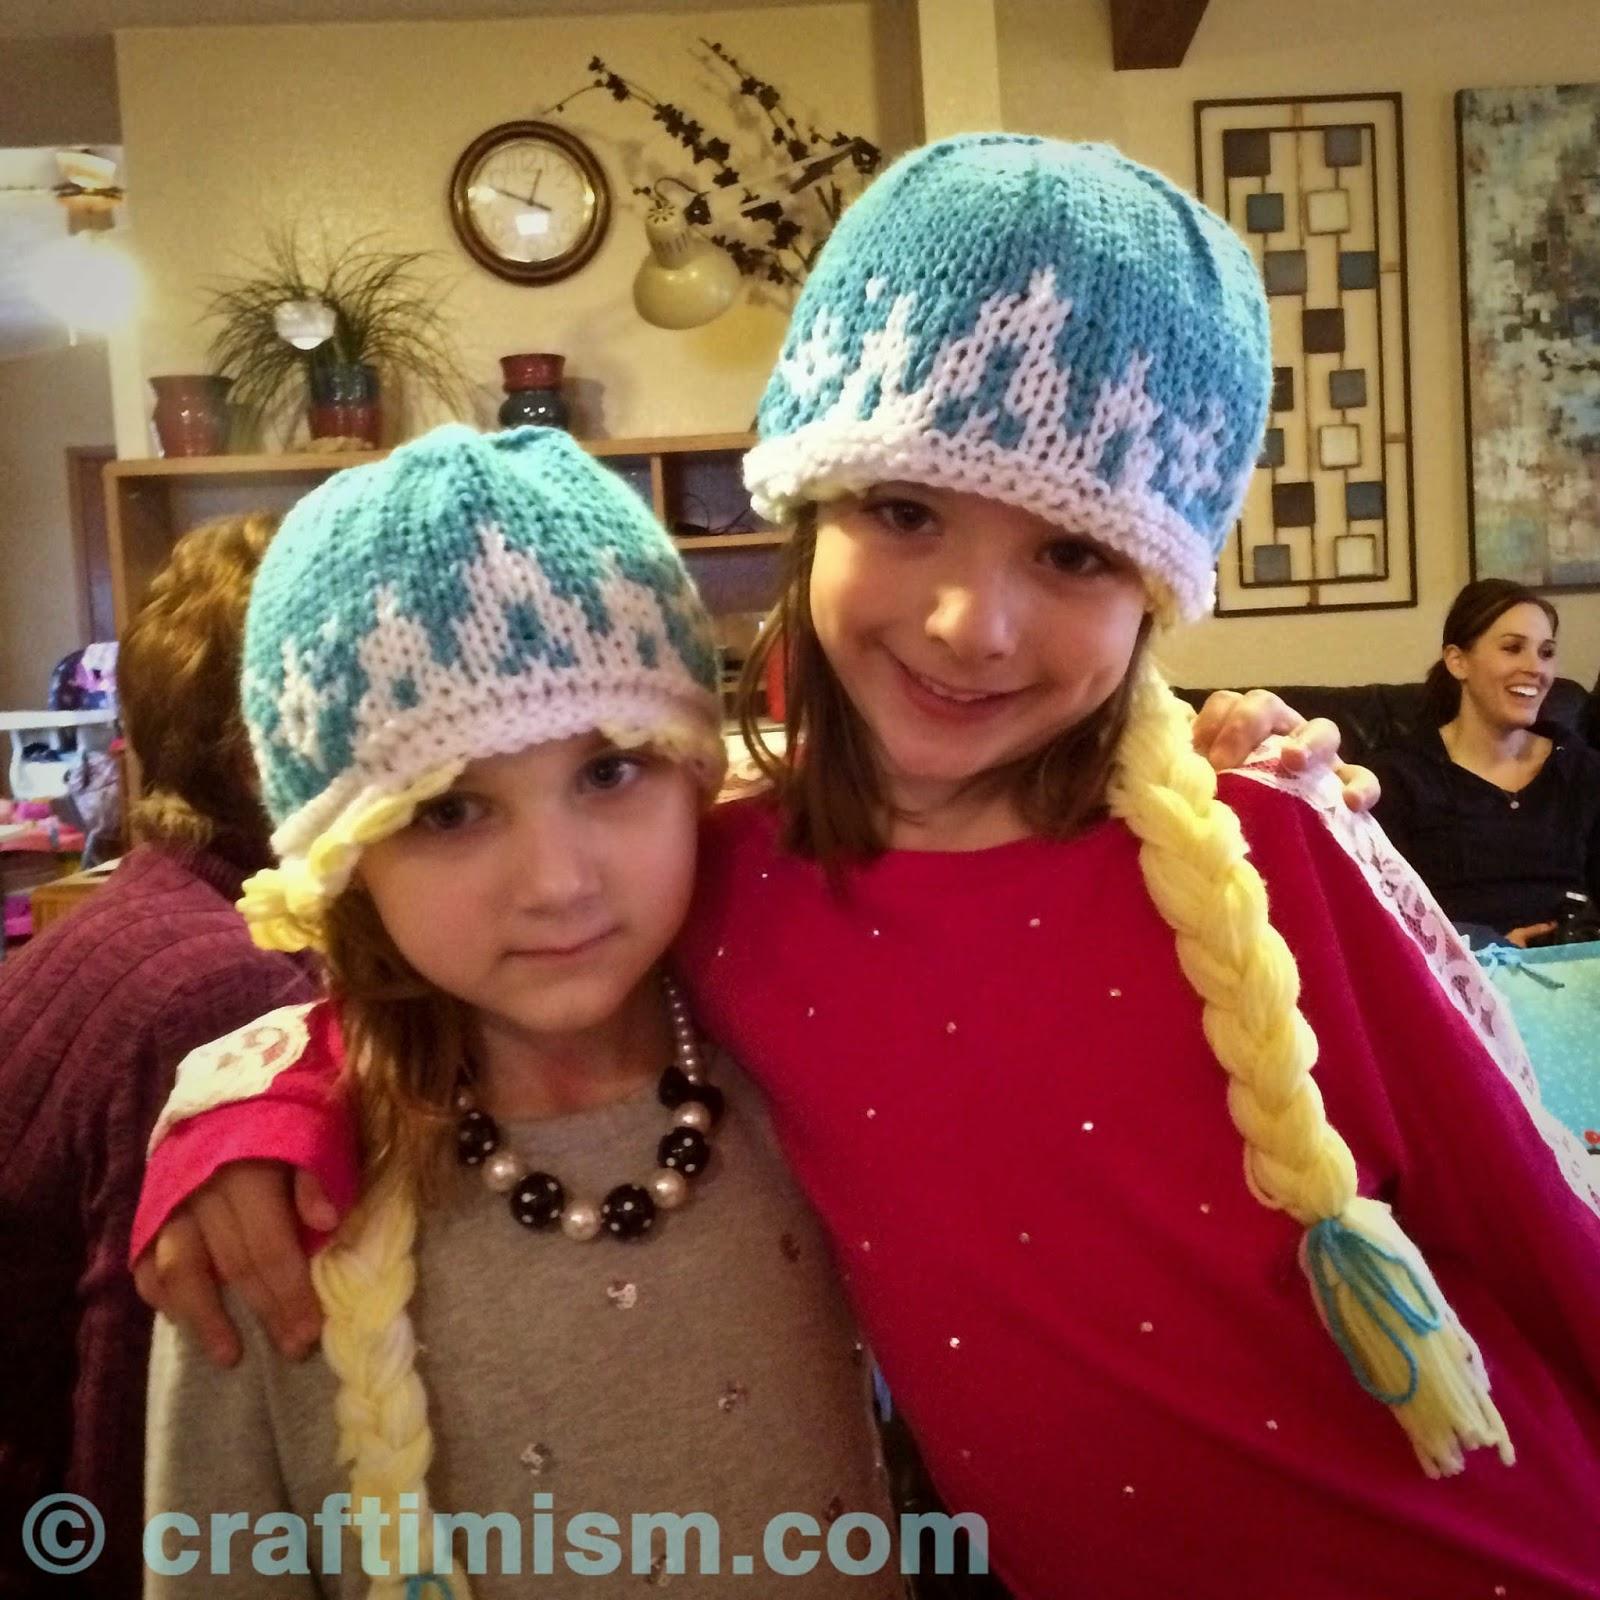 Knitting Patterns For Elsa : Craftimism: Elsa Knit Hat